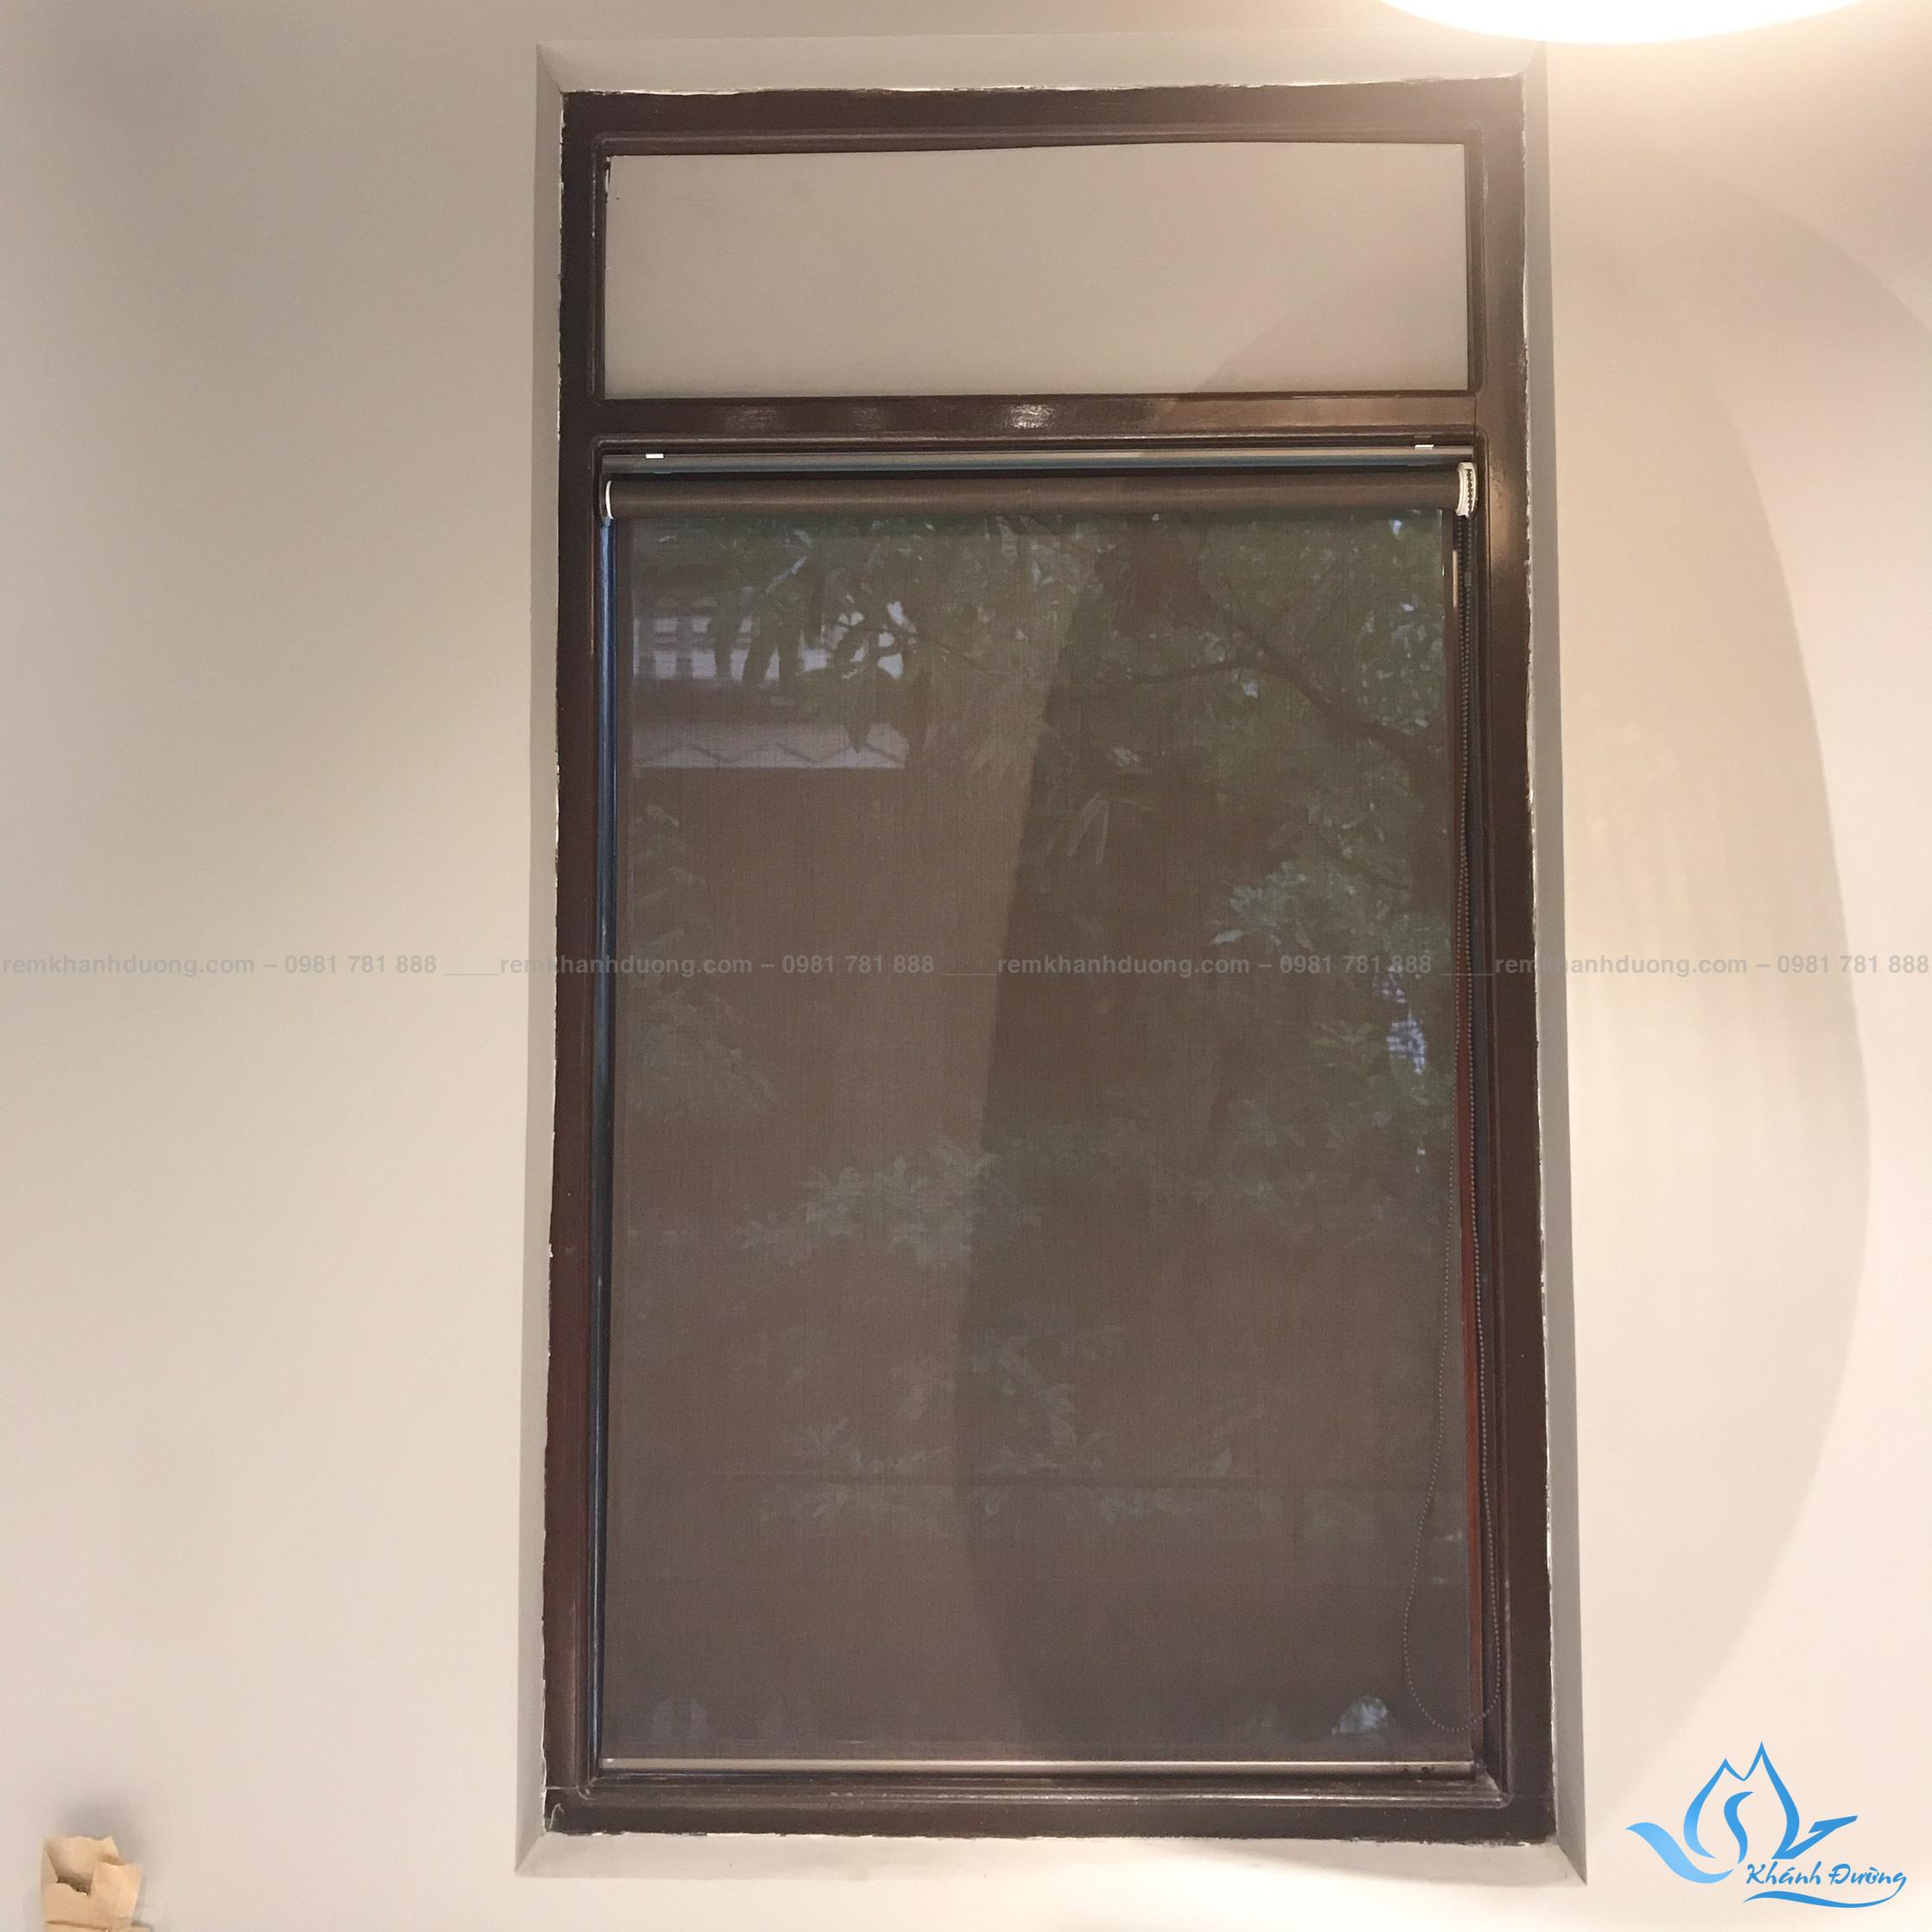 rem-cuon-luoi-gia-re-cho-quan-cafe-a4002-tai-nguyen-canh-di (2)